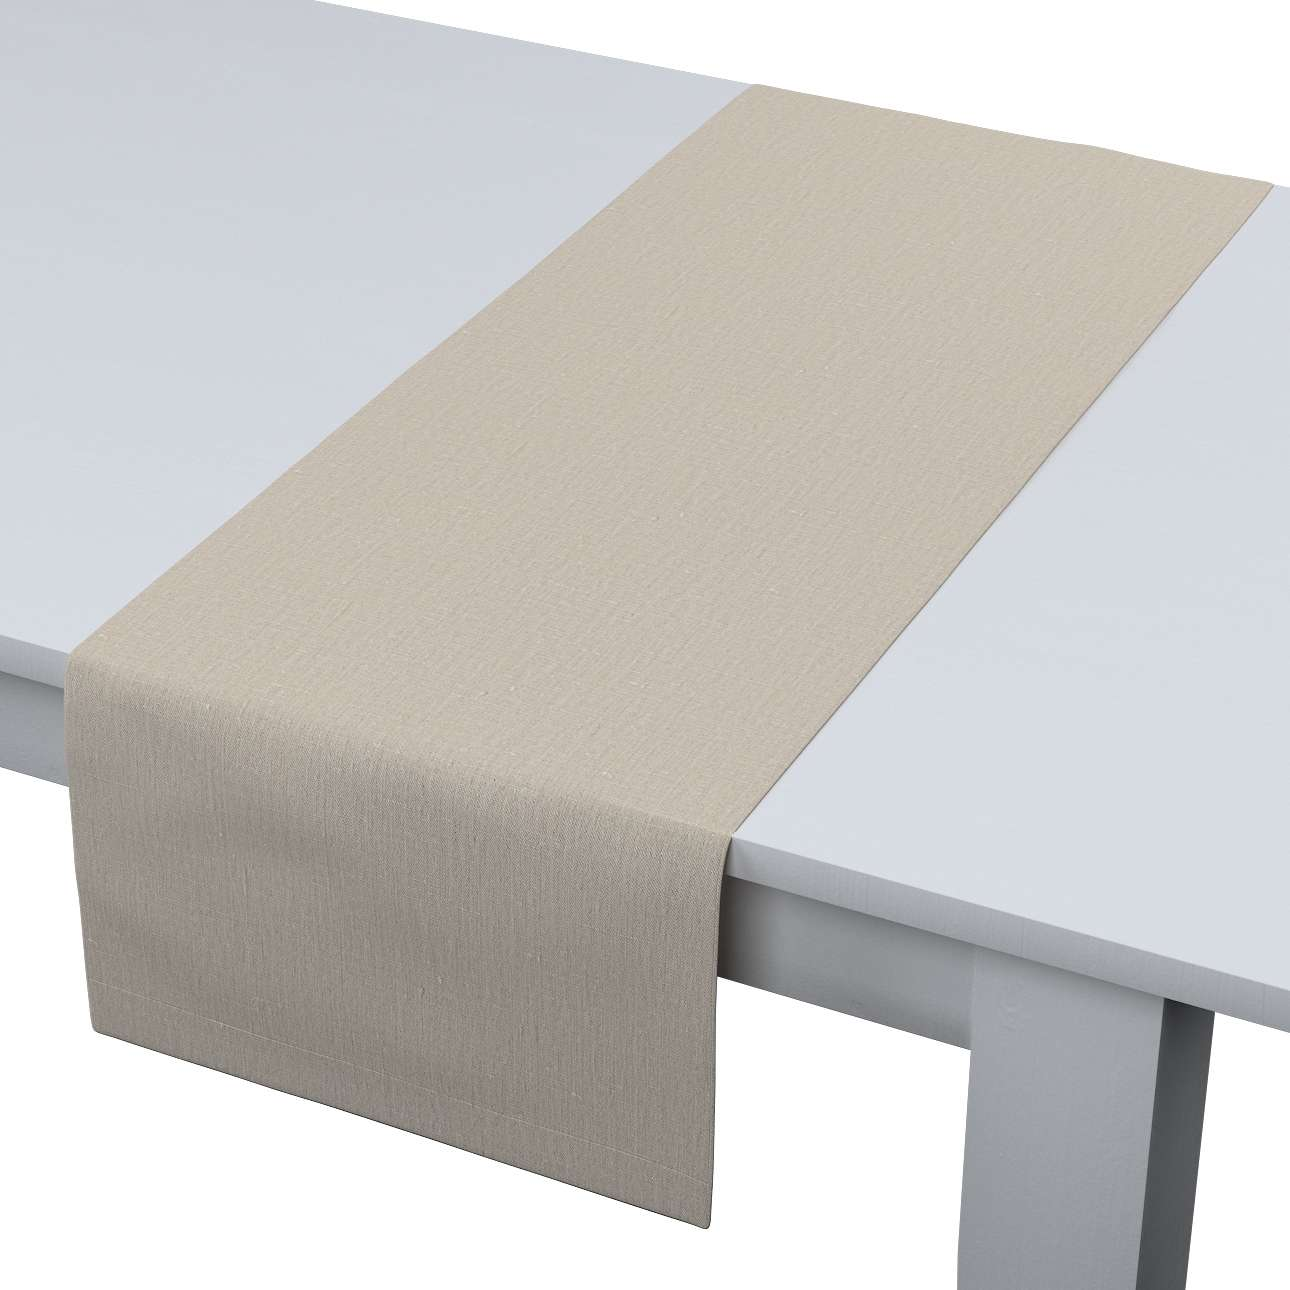 Bieżnik prostokątny 40x130 cm w kolekcji Linen, tkanina: 392-05